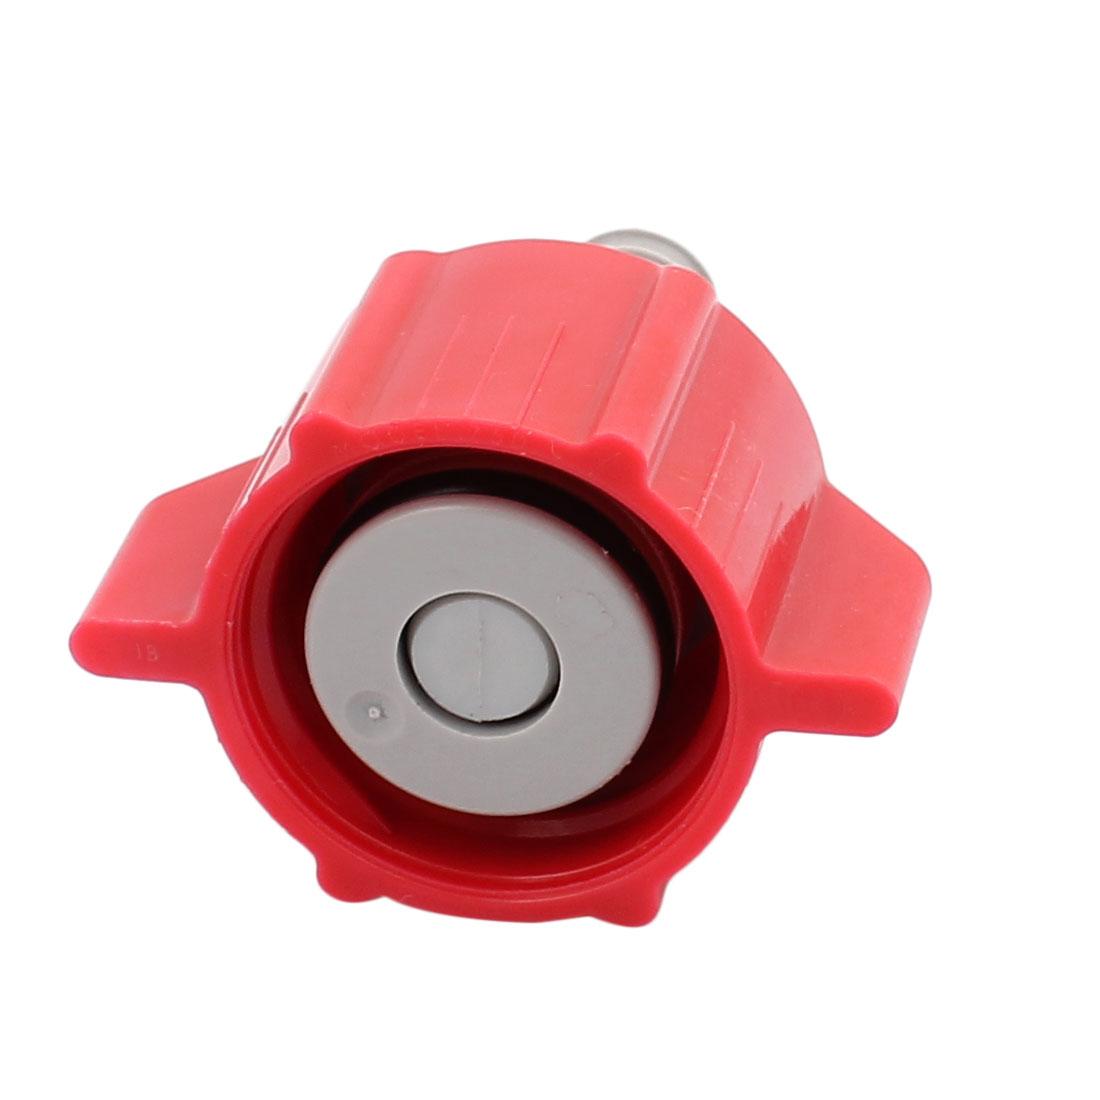 """Connecteur 3/8"""" rouge PT boisson gazeuse Coca Cola Sirop BIB Pack - image 1 de 2"""